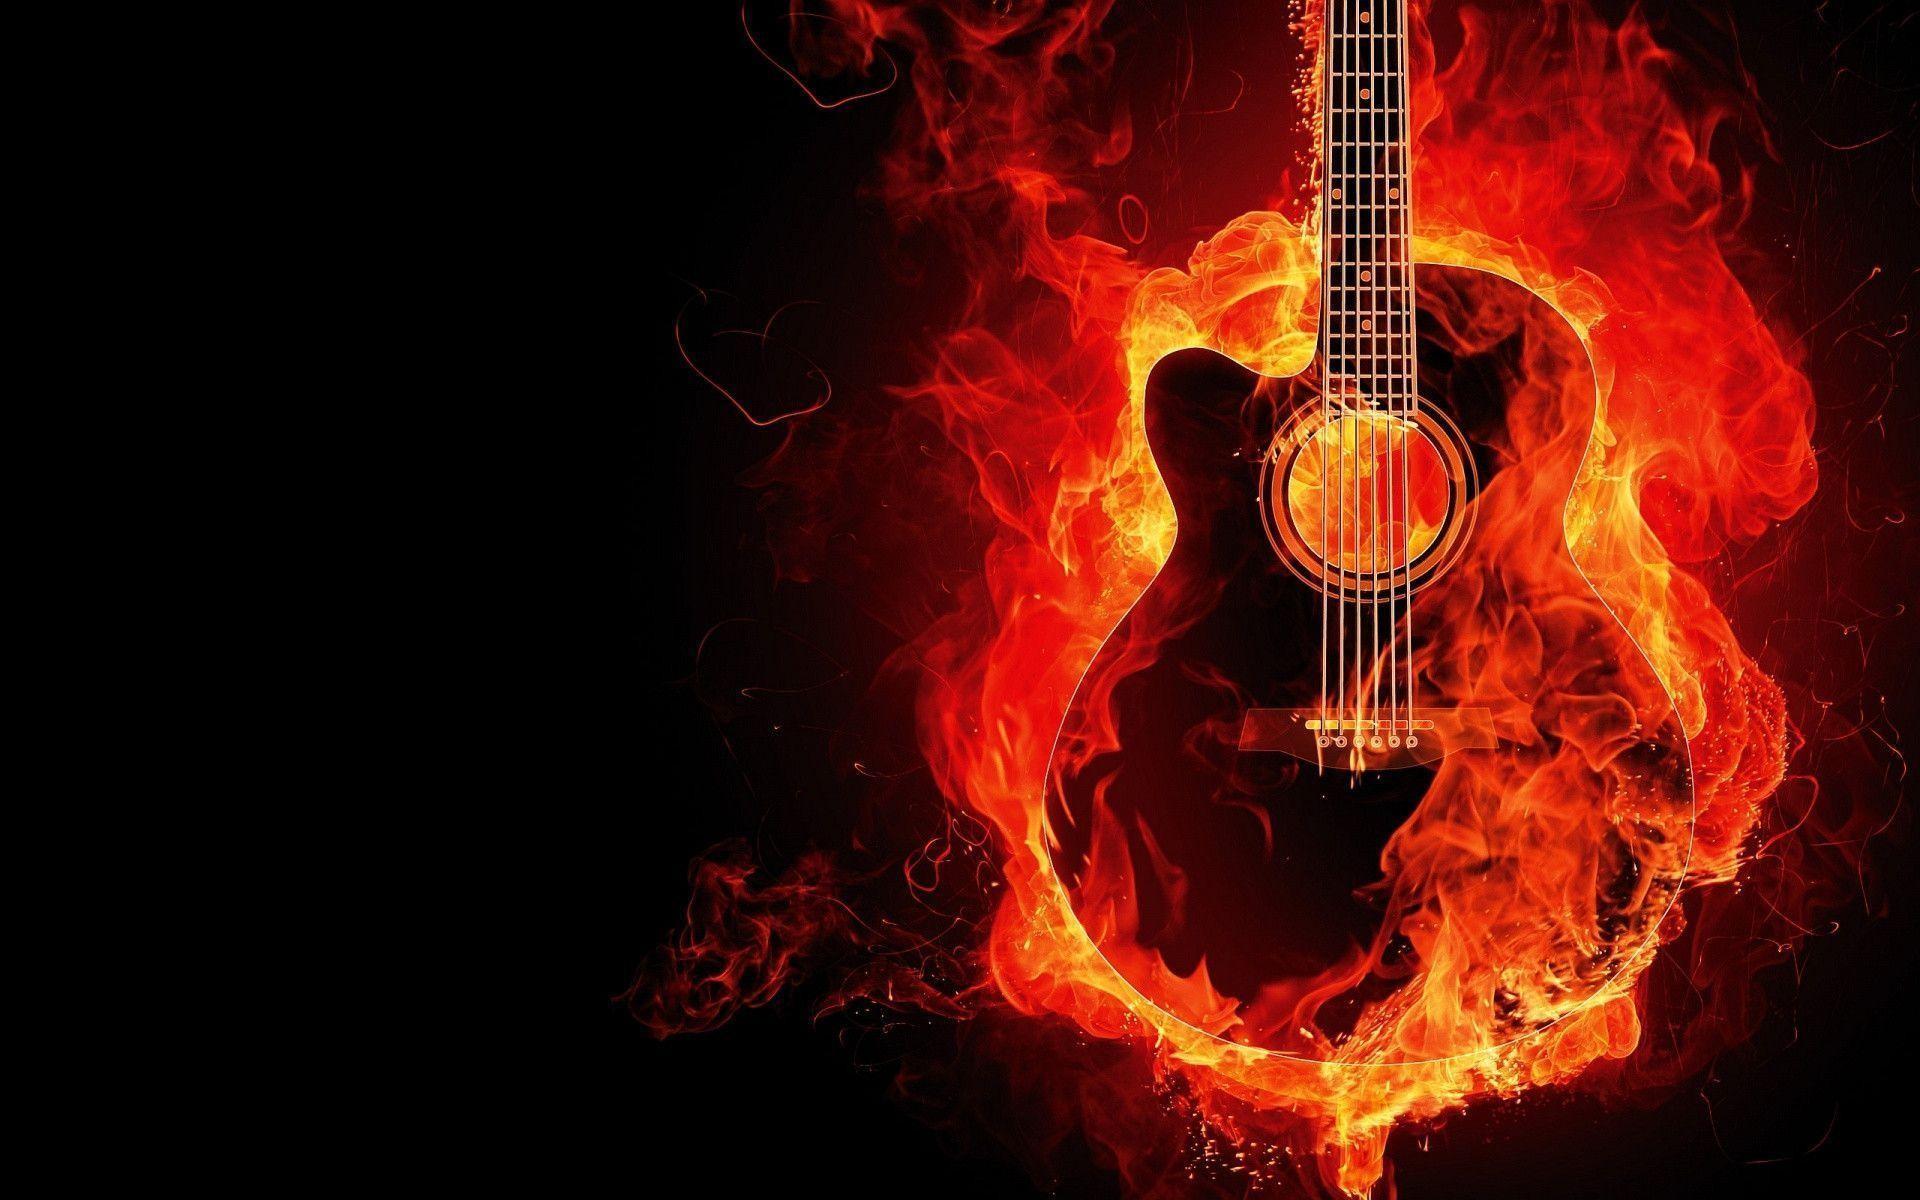 cool guitar wallpaper (55+ images)